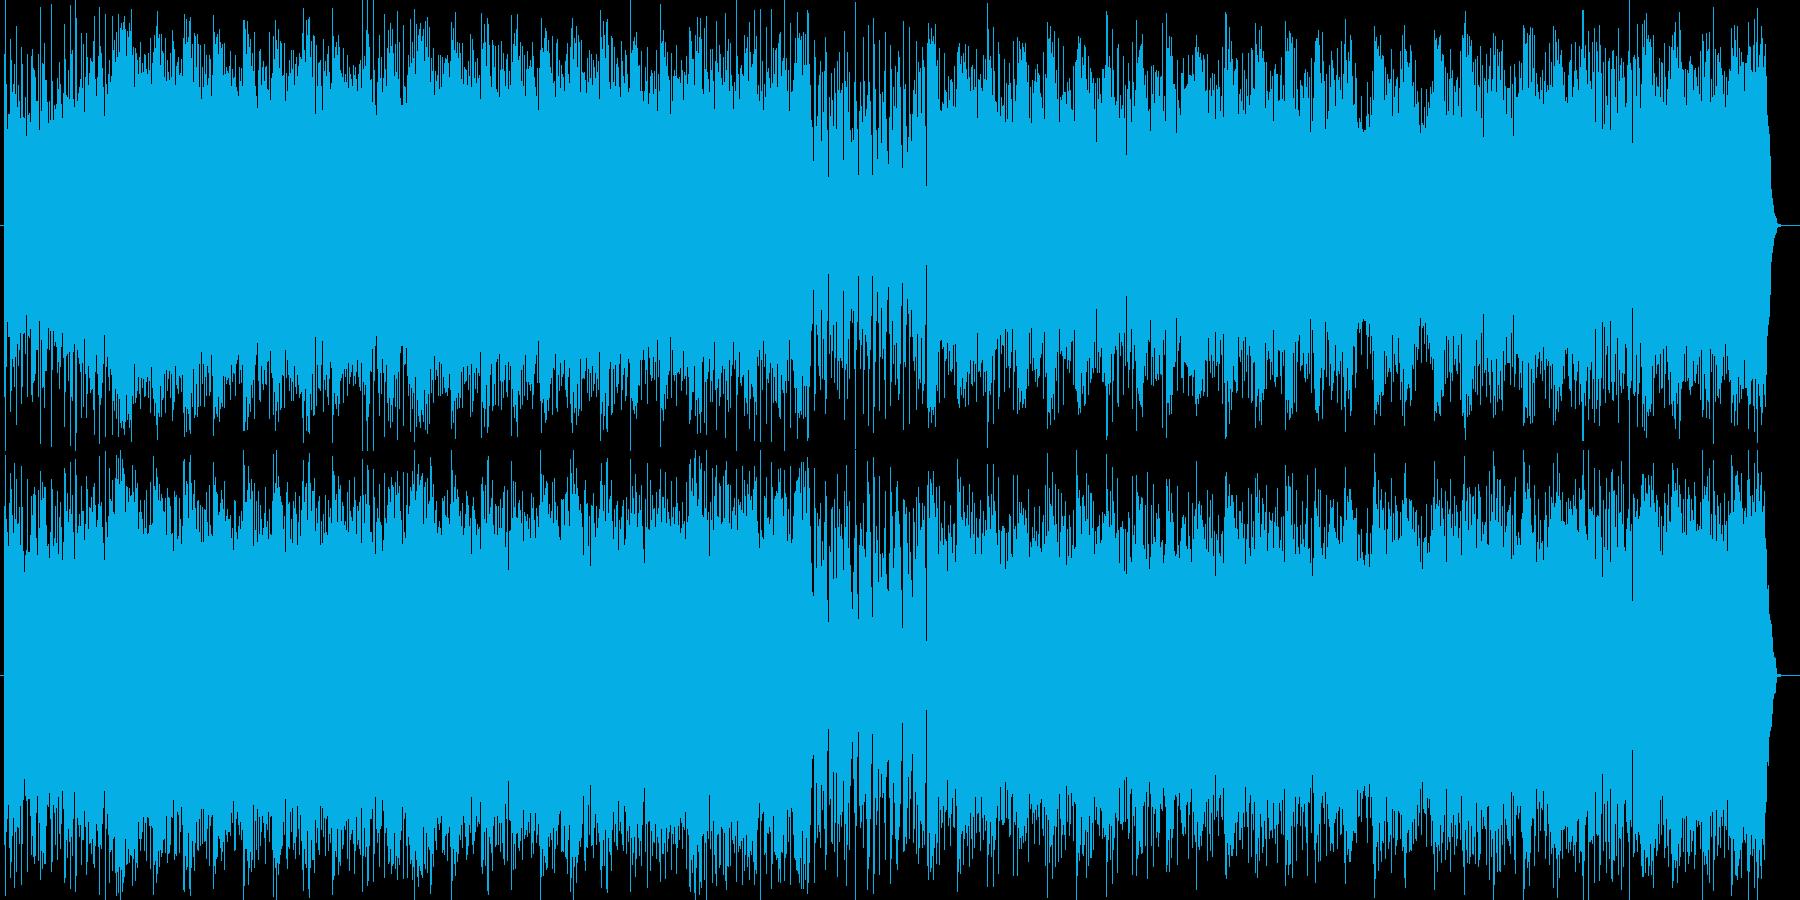 激しい打楽器が繰り広げる壮大な和風の楽曲の再生済みの波形